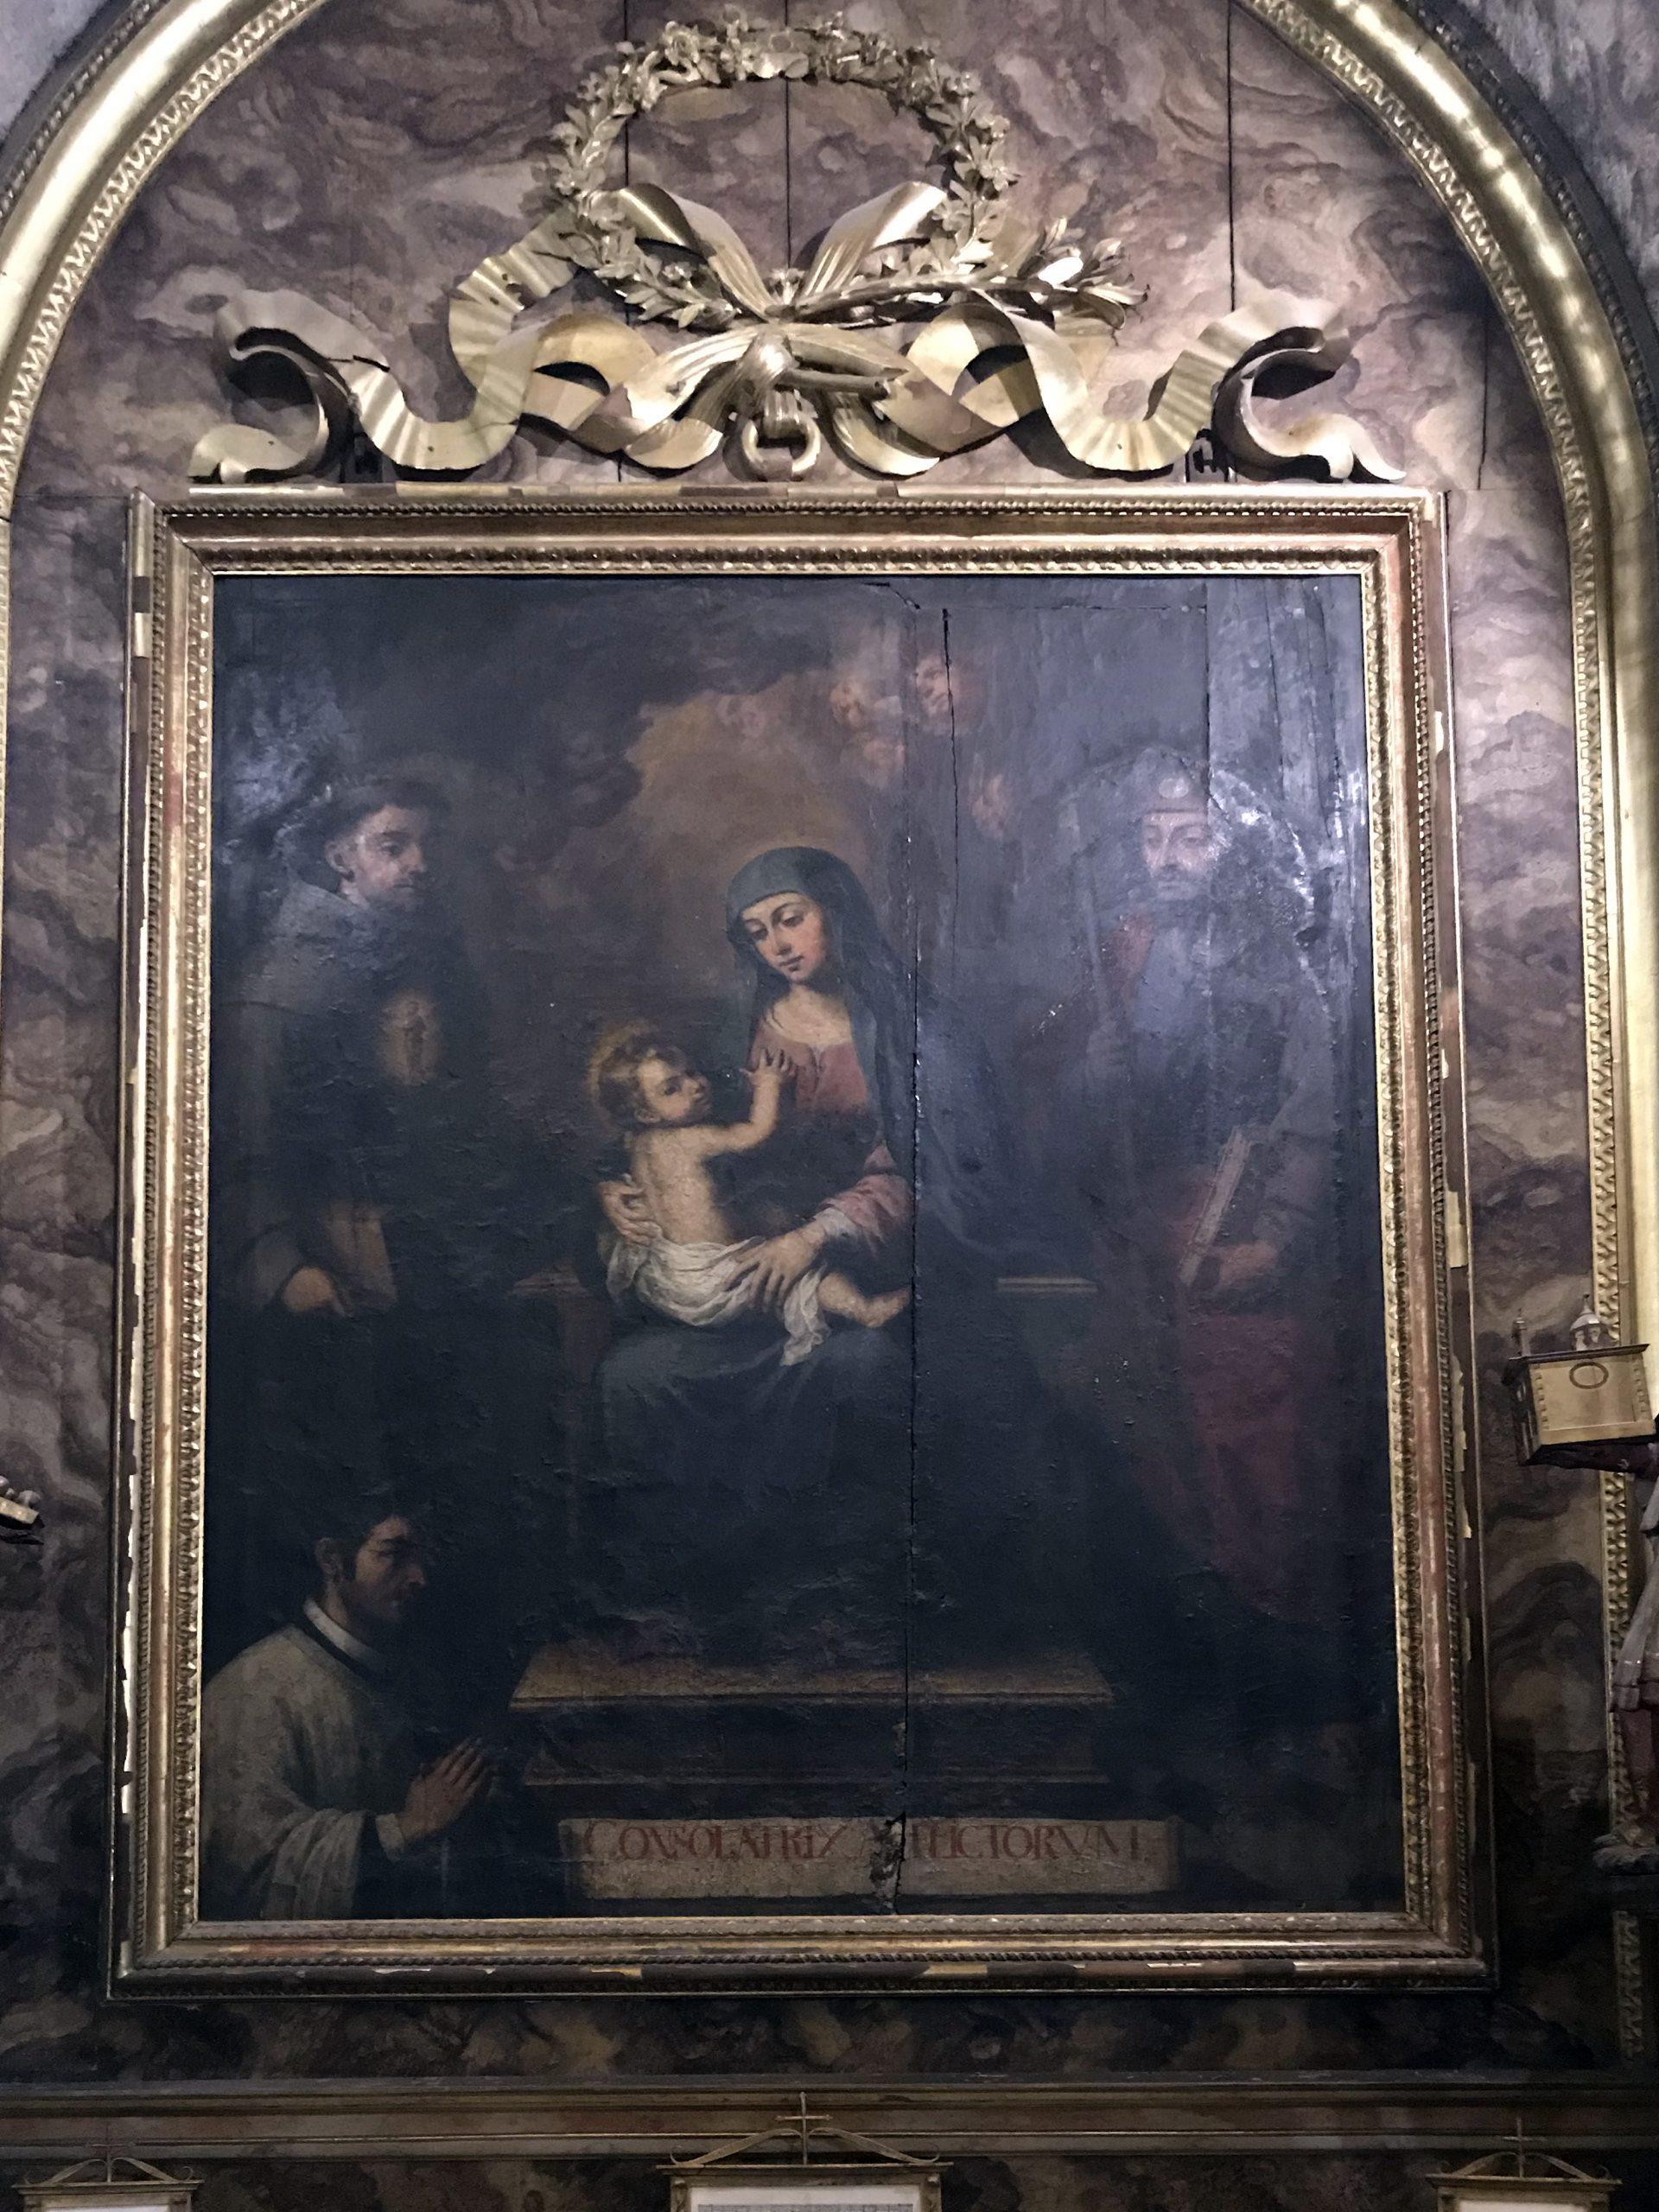 virgenconsuelo.catedralsevilla.carlospenuela.1